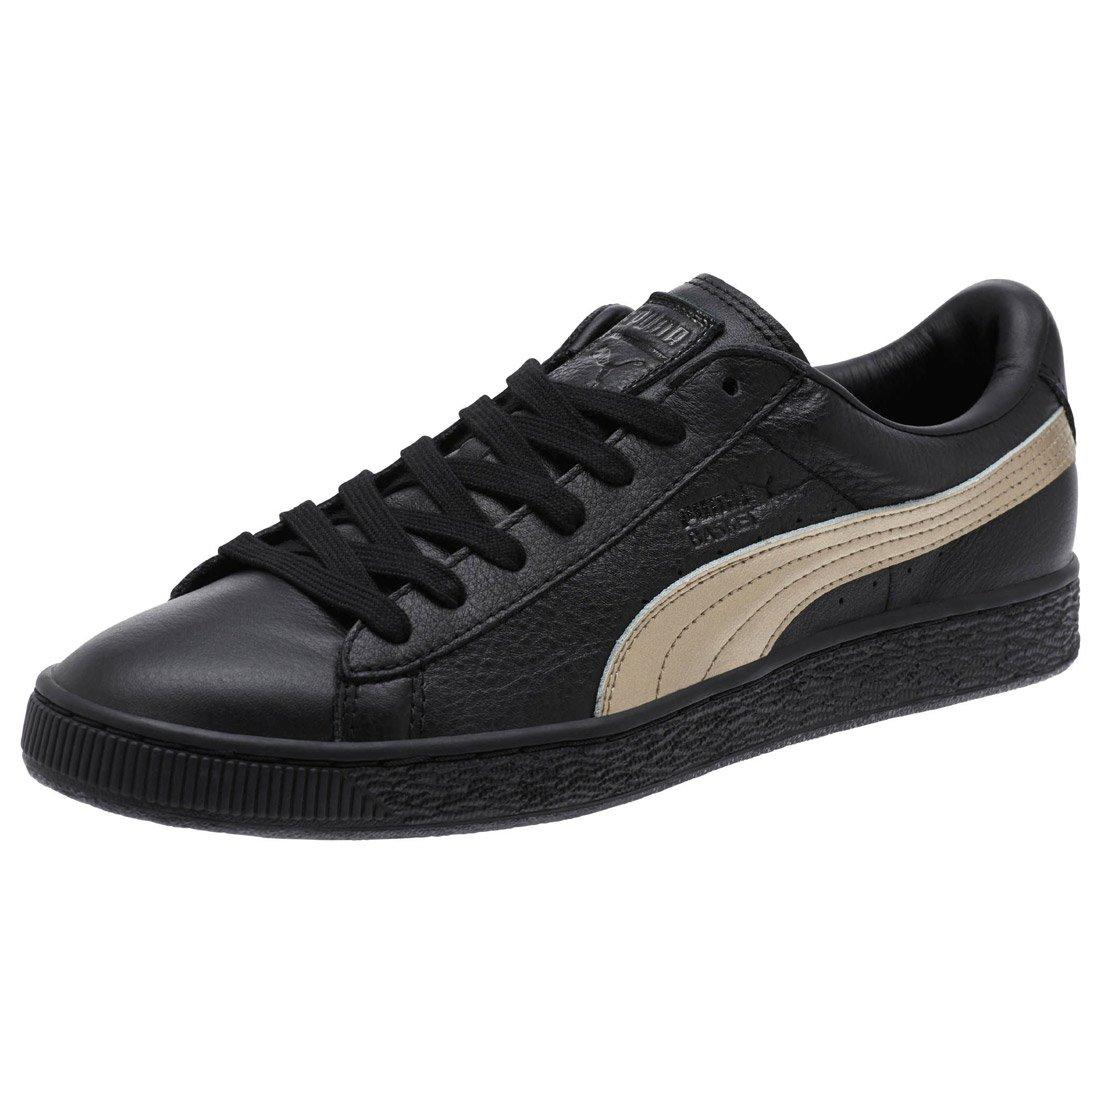 Puma Basket Classic Metallic Sn Sneaker Damen Mauml;dchen Schuhe 363201 01  39 EU|Whisp Whi-Whisp Whi-Cop